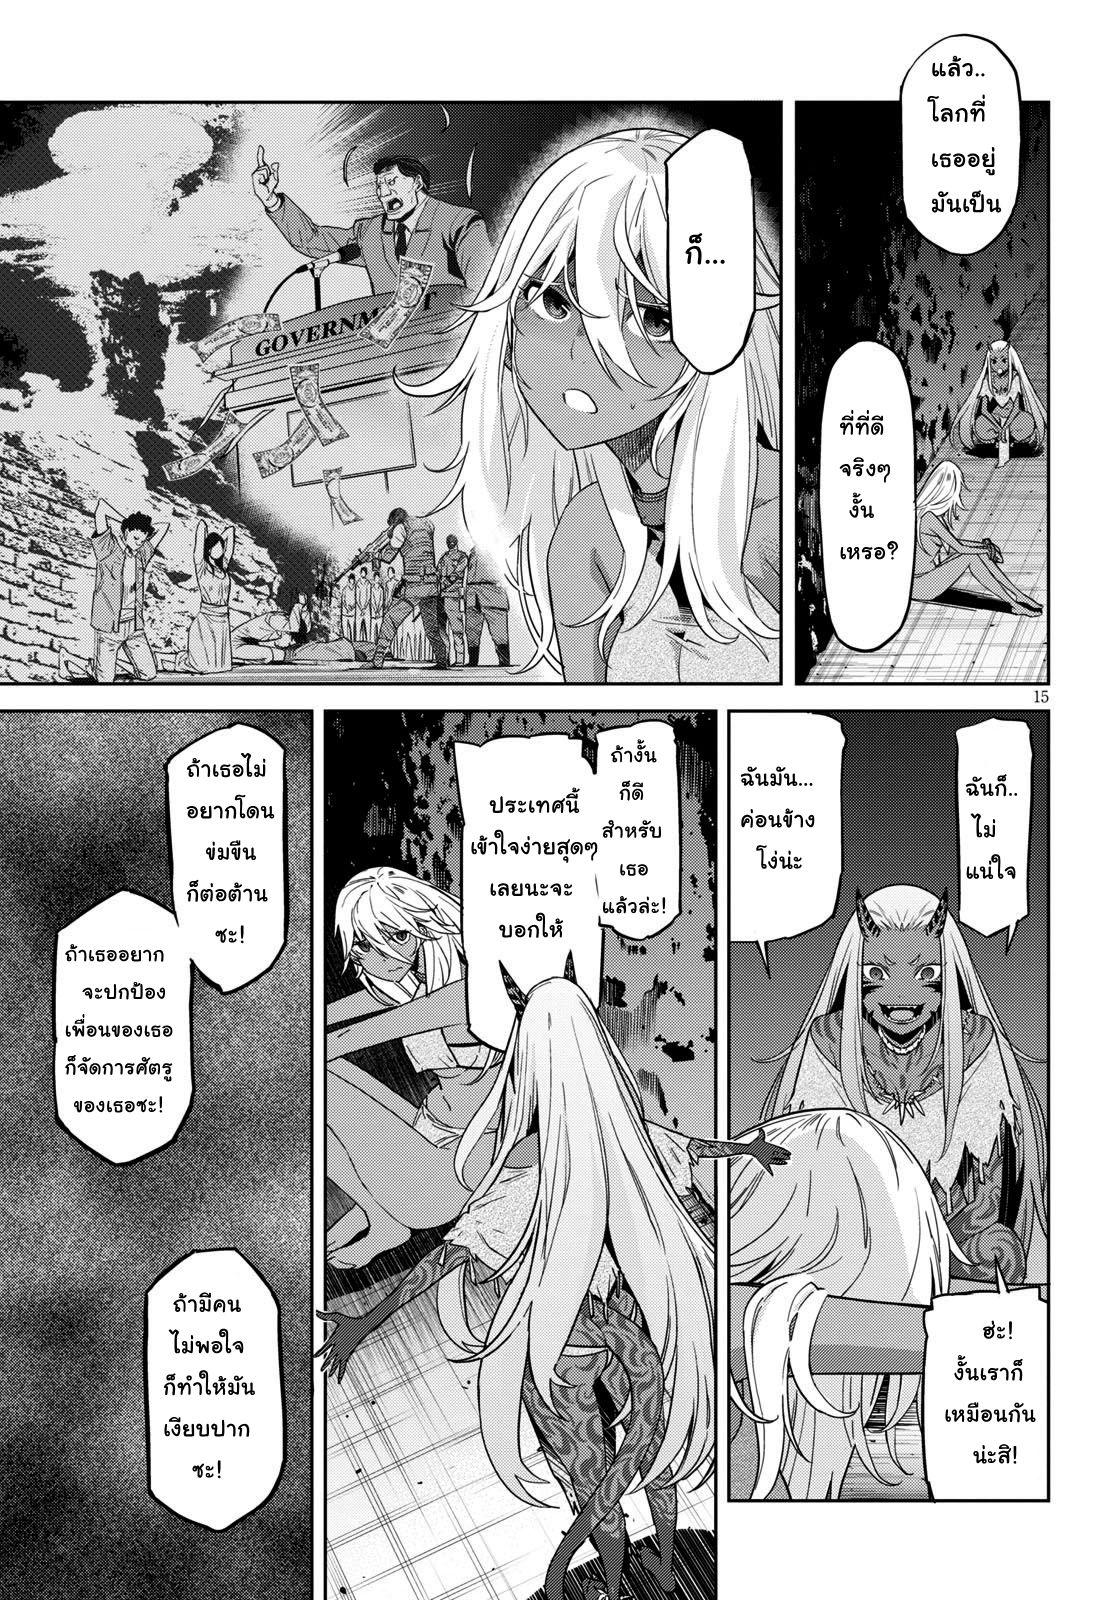 อ่านการ์ตูน Game obu Familia - Family Senki ตอนที่ 11 หน้าที่ 16